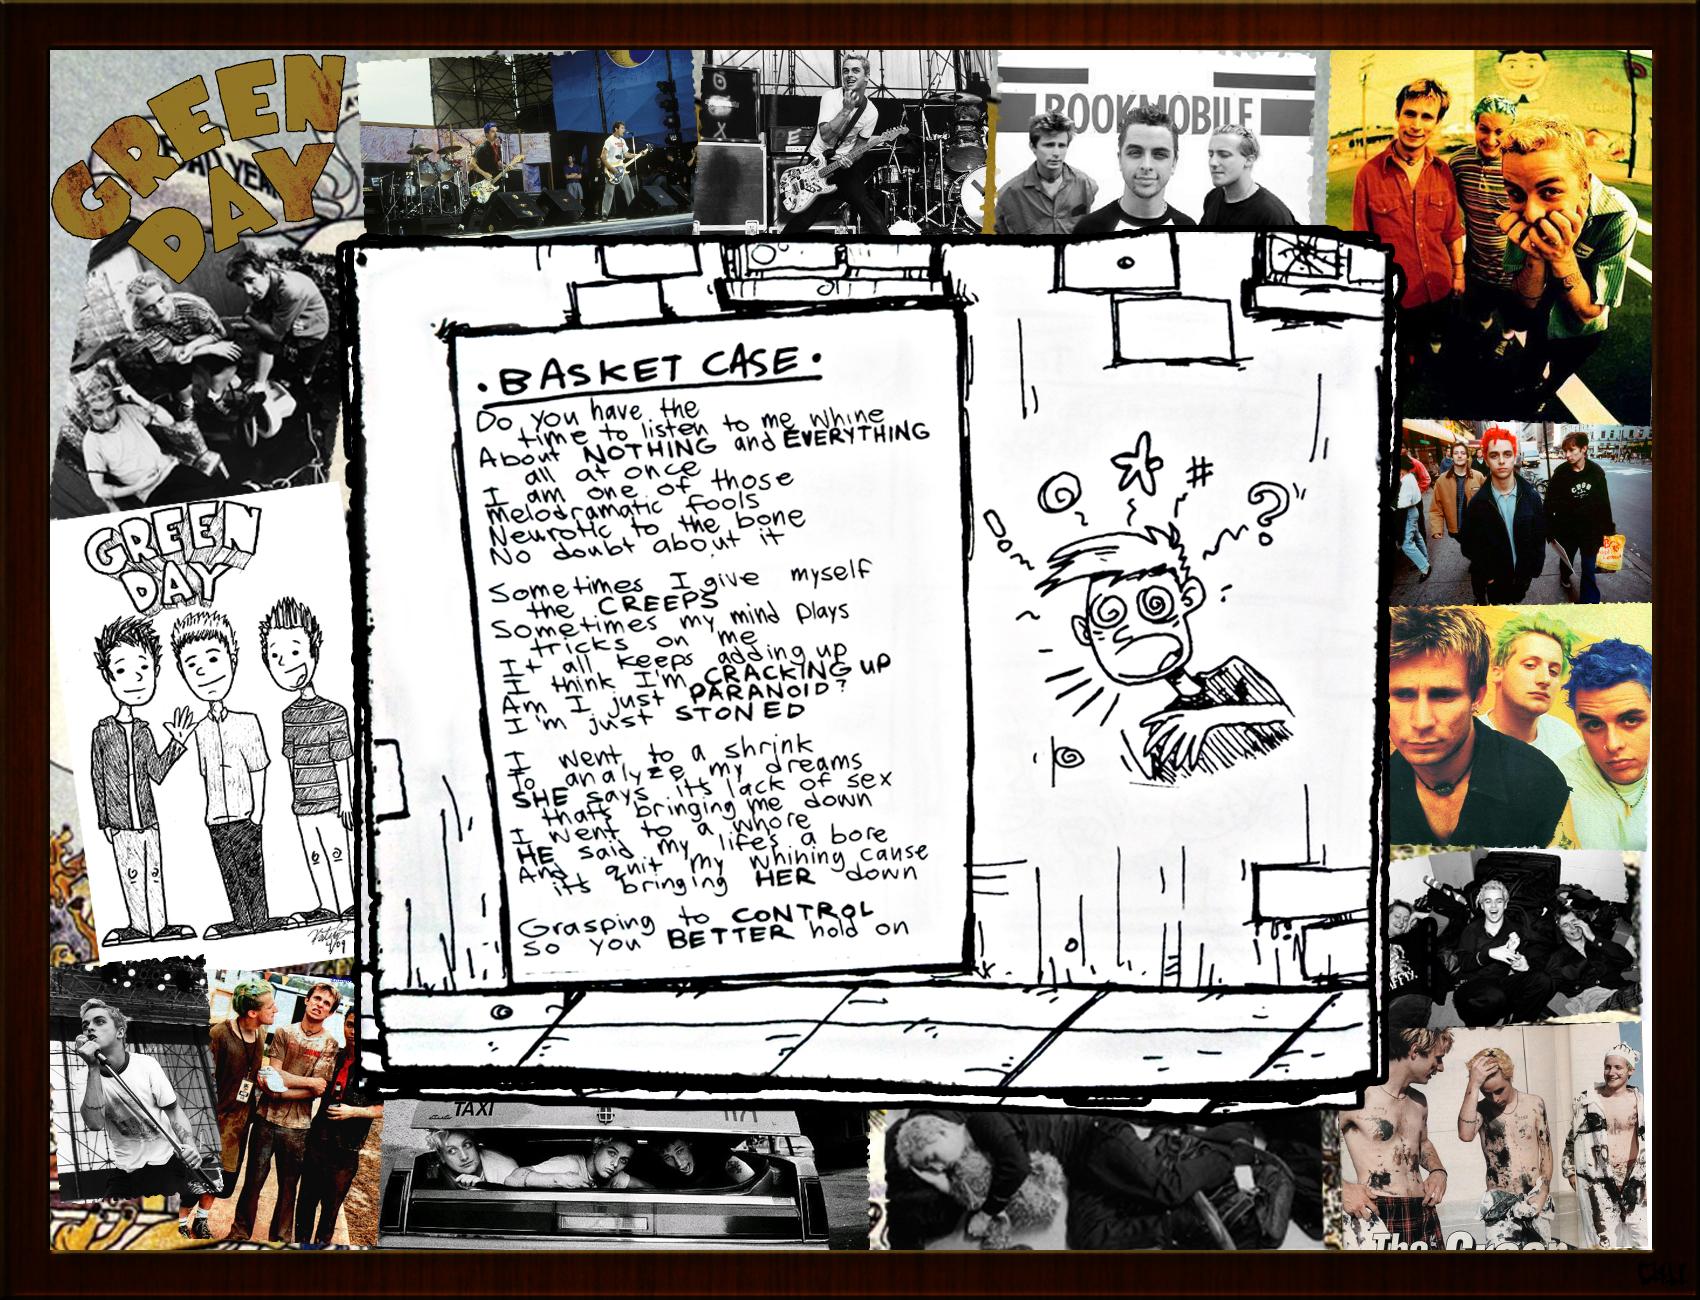 Dookie Wallpaper-Basket Case - Green Day Photo (27998727) - Fanpop